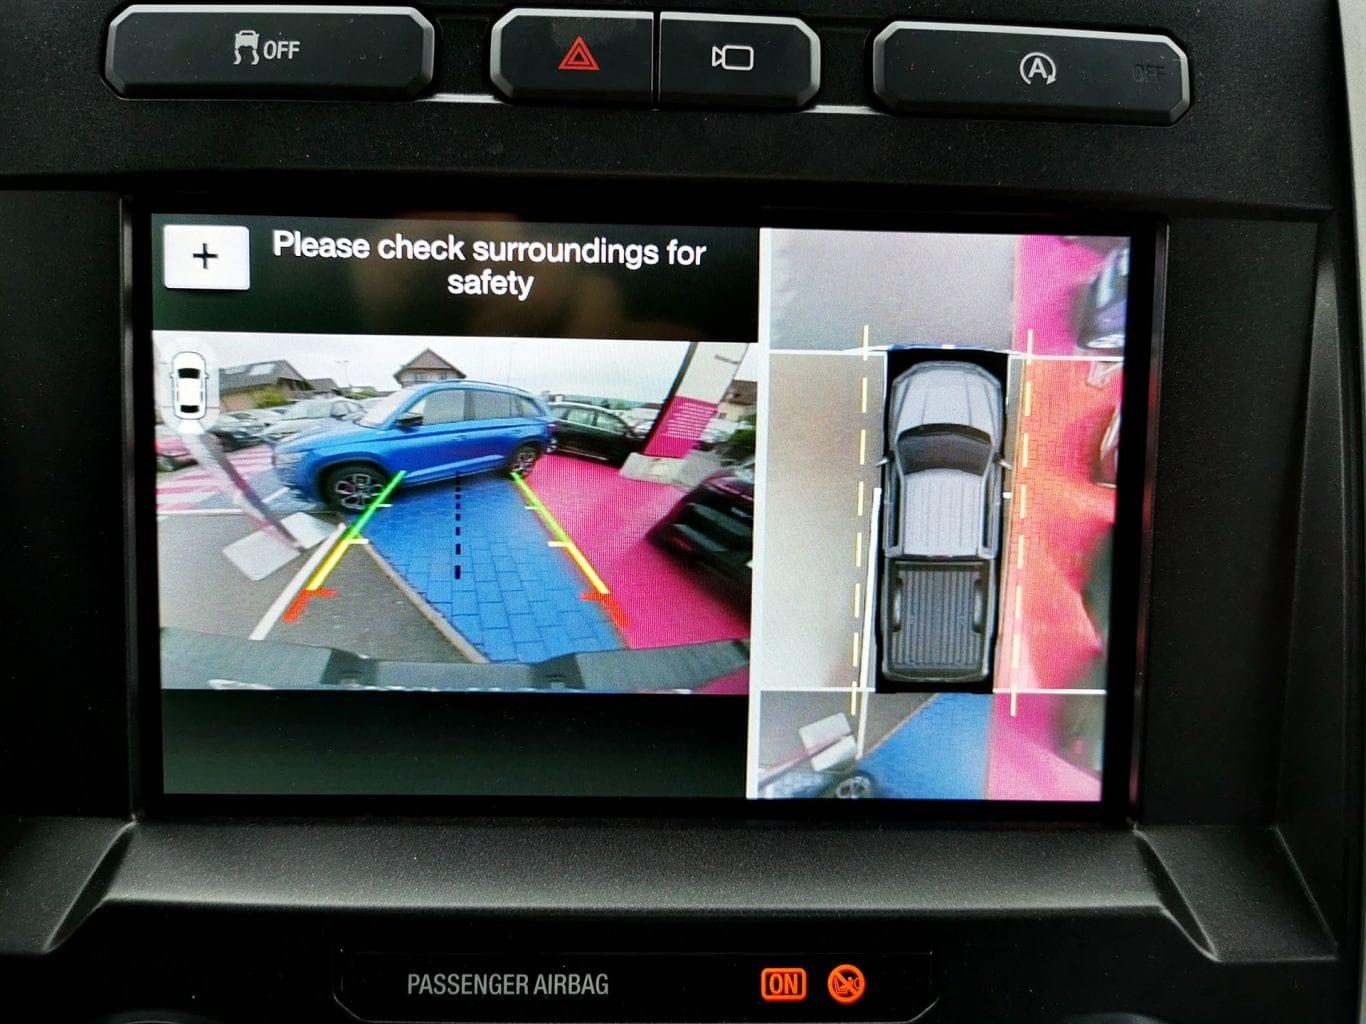 Automatisch gespeicherter Entwurf - Auto Kunz AG 1